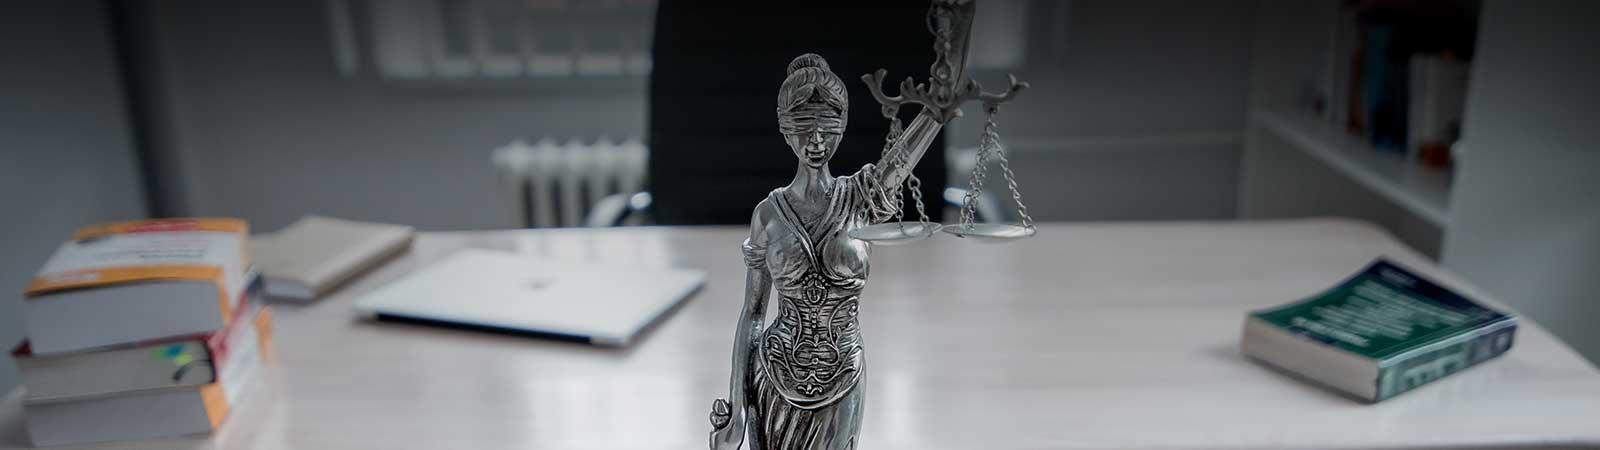 Prawo podatkowe - Kancelaria Prawna